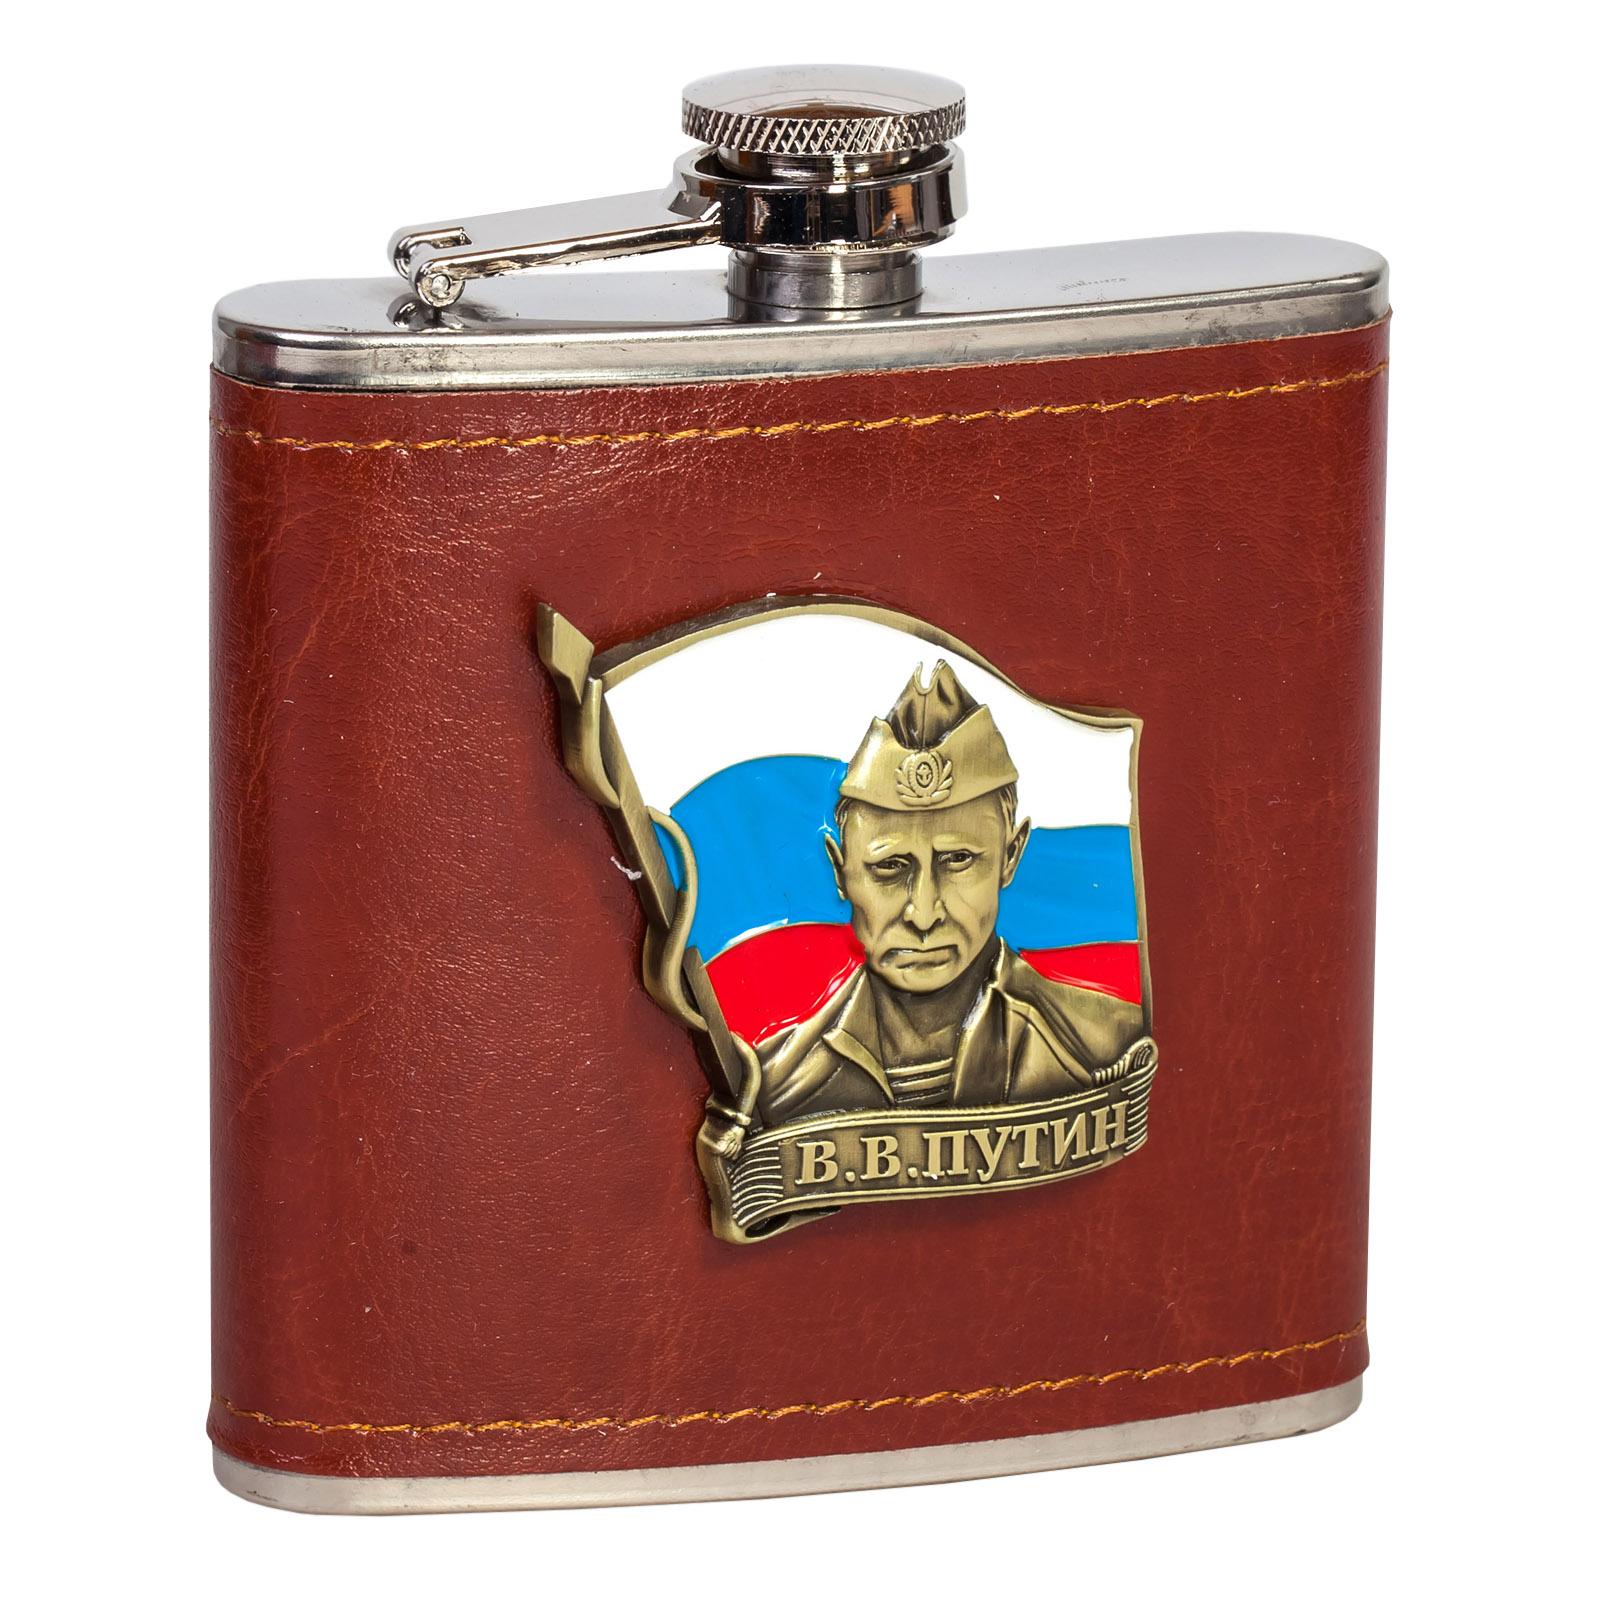 Недорогие фляги для алкоголя с портретом Путина